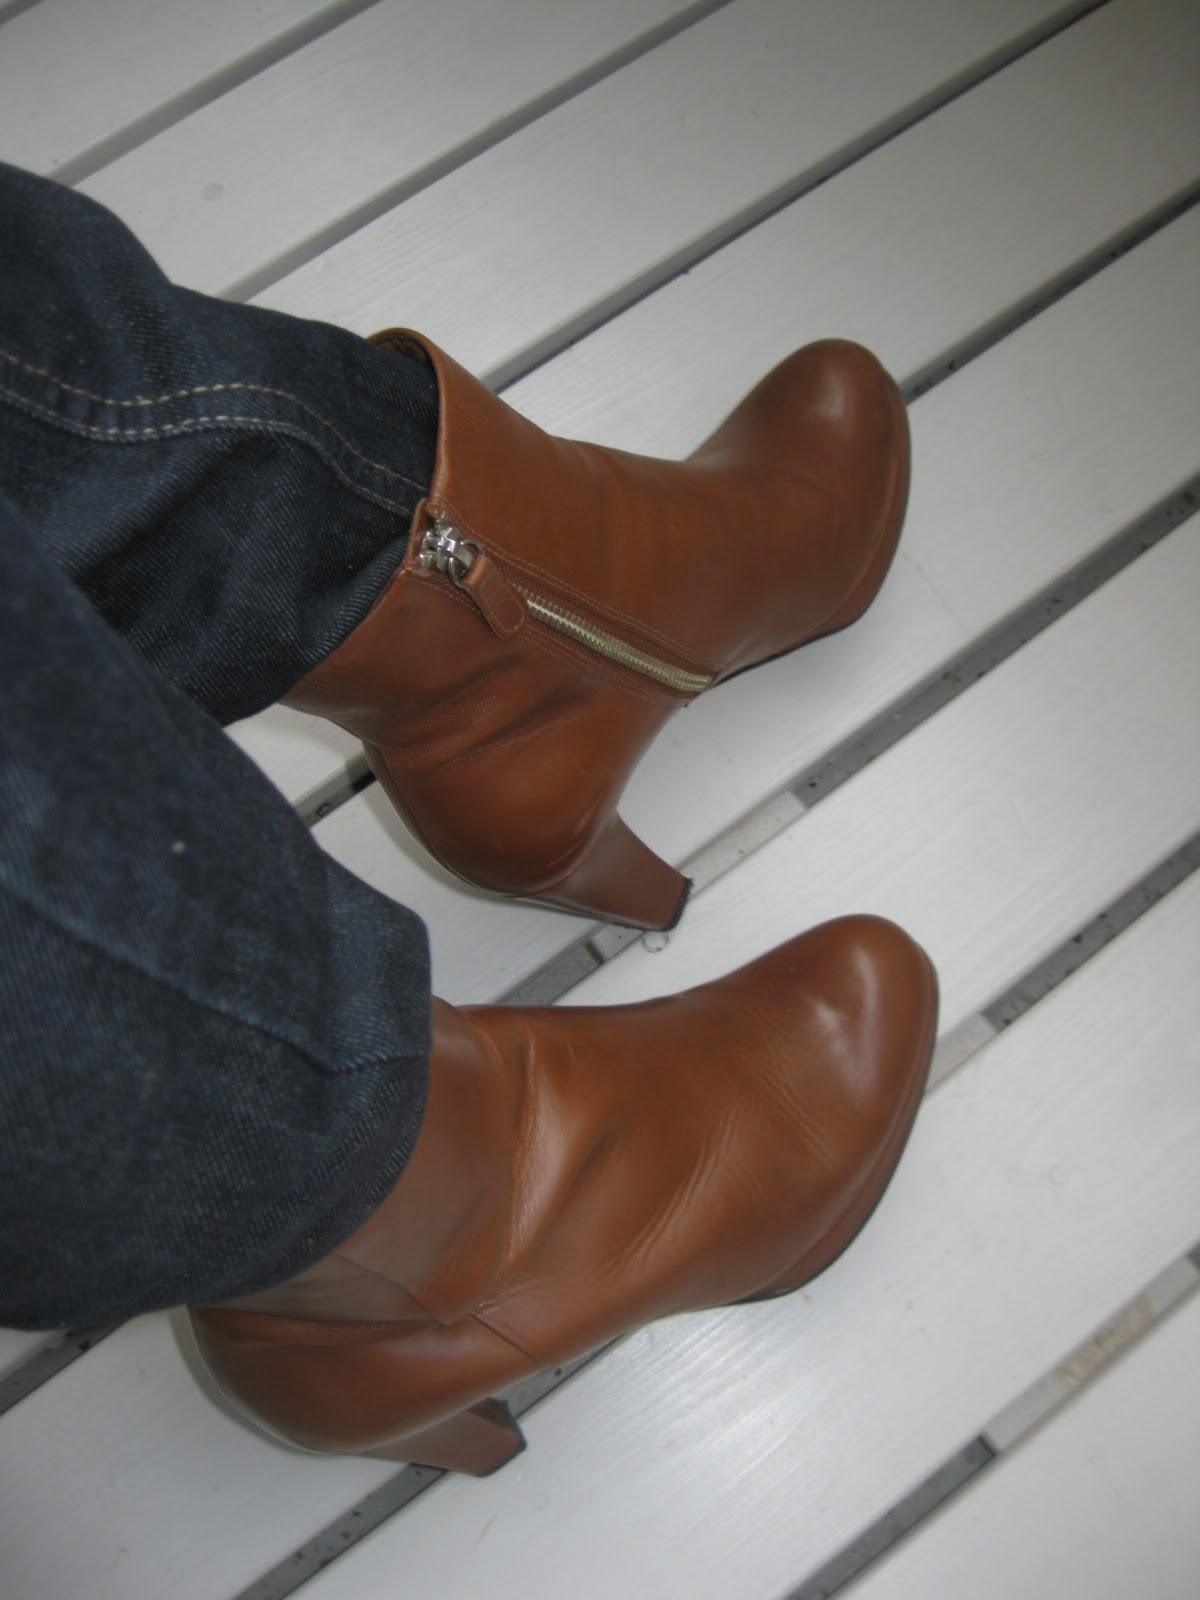 ruskeat kengät mustan puvun kanssa Kajaani